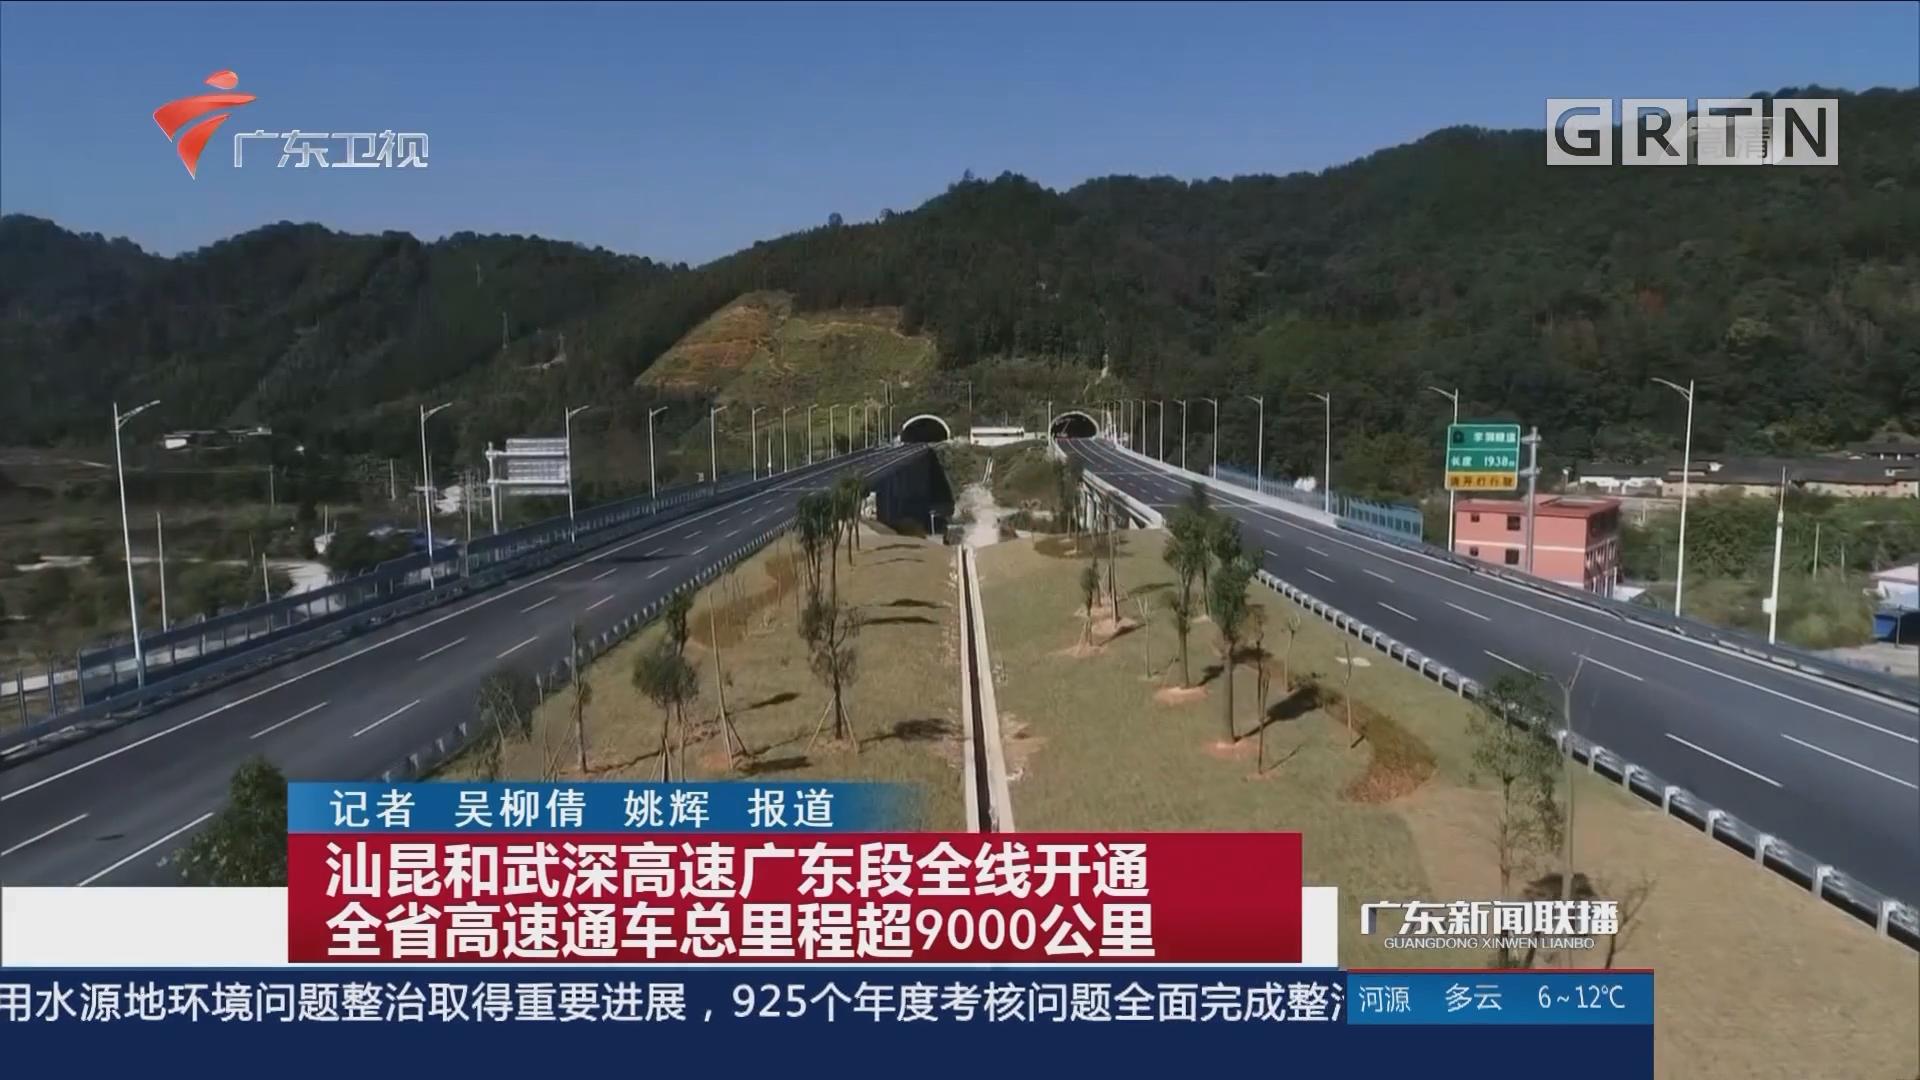 汕昆和武深高速广东段全线开通 全省高速通车总里程超9000公里